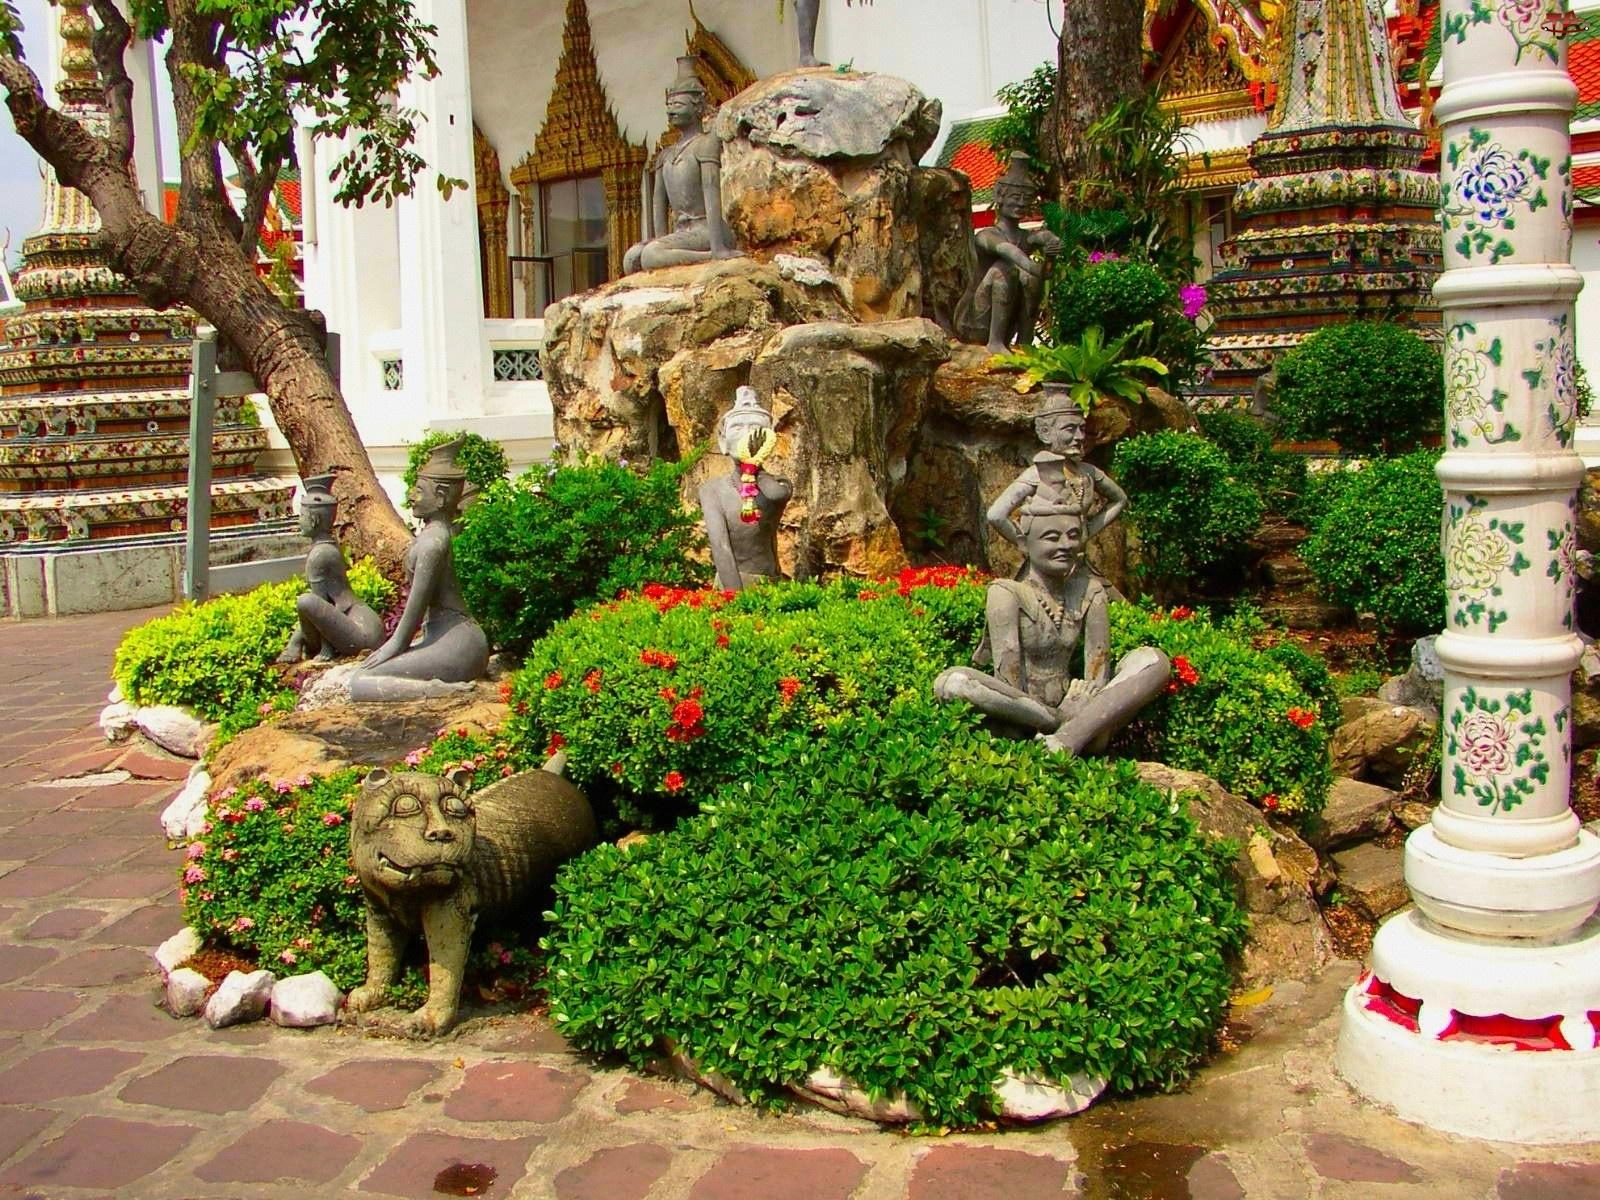 Kwiaty, Rzeźby, Kamienne